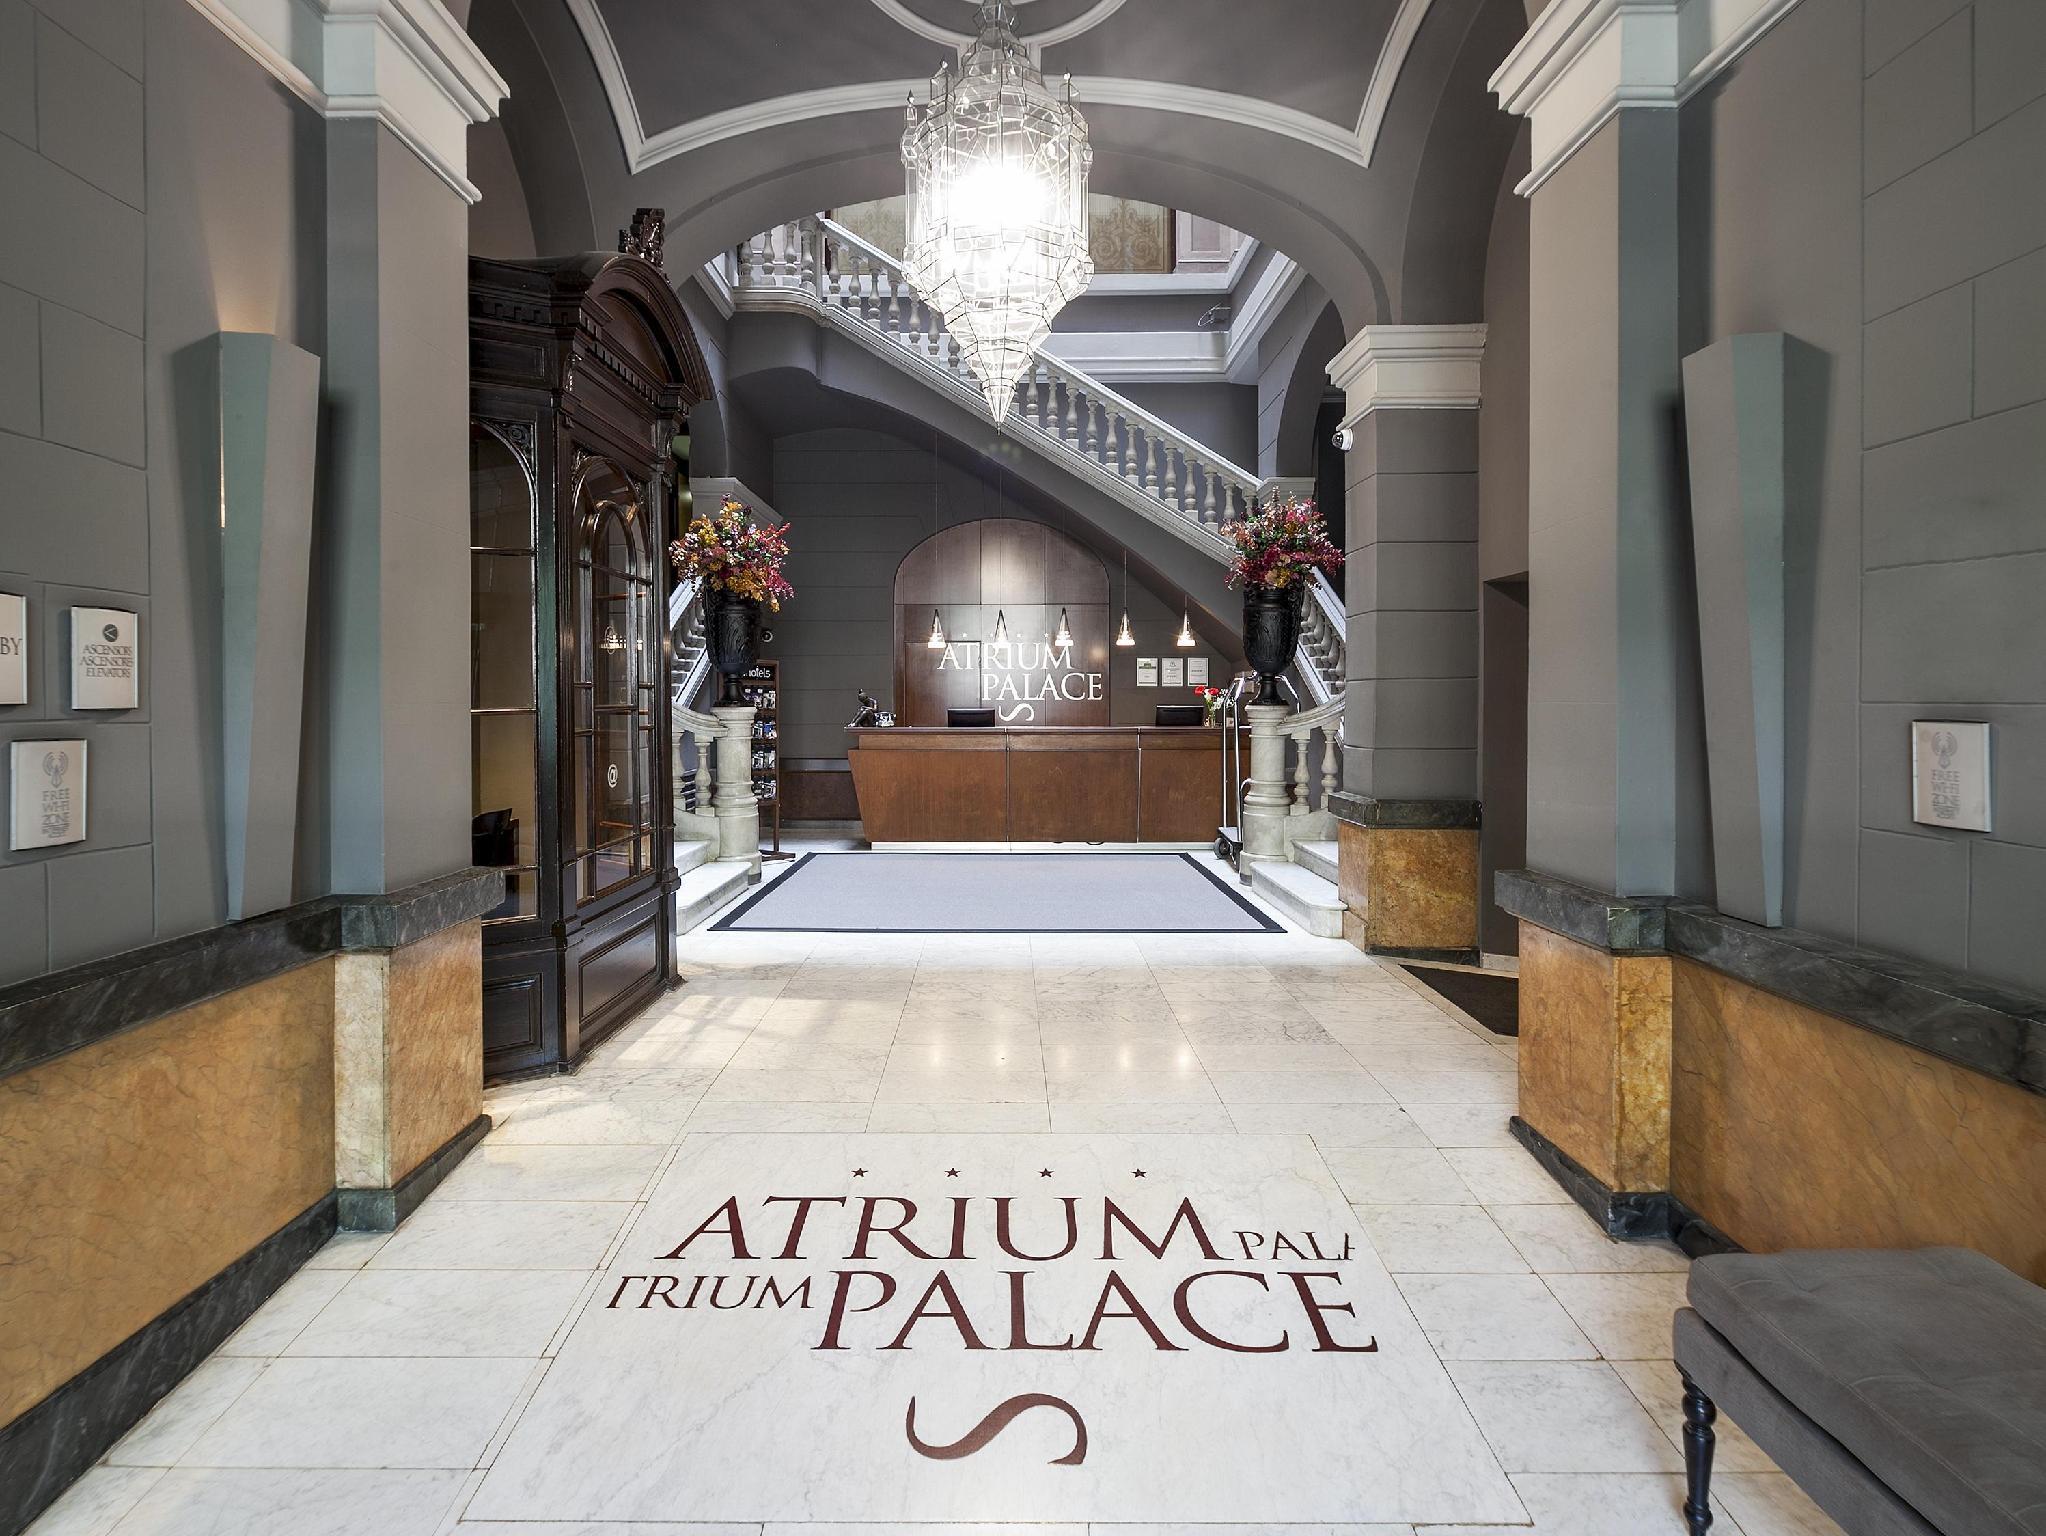 Acta Atrium Palace Hotel